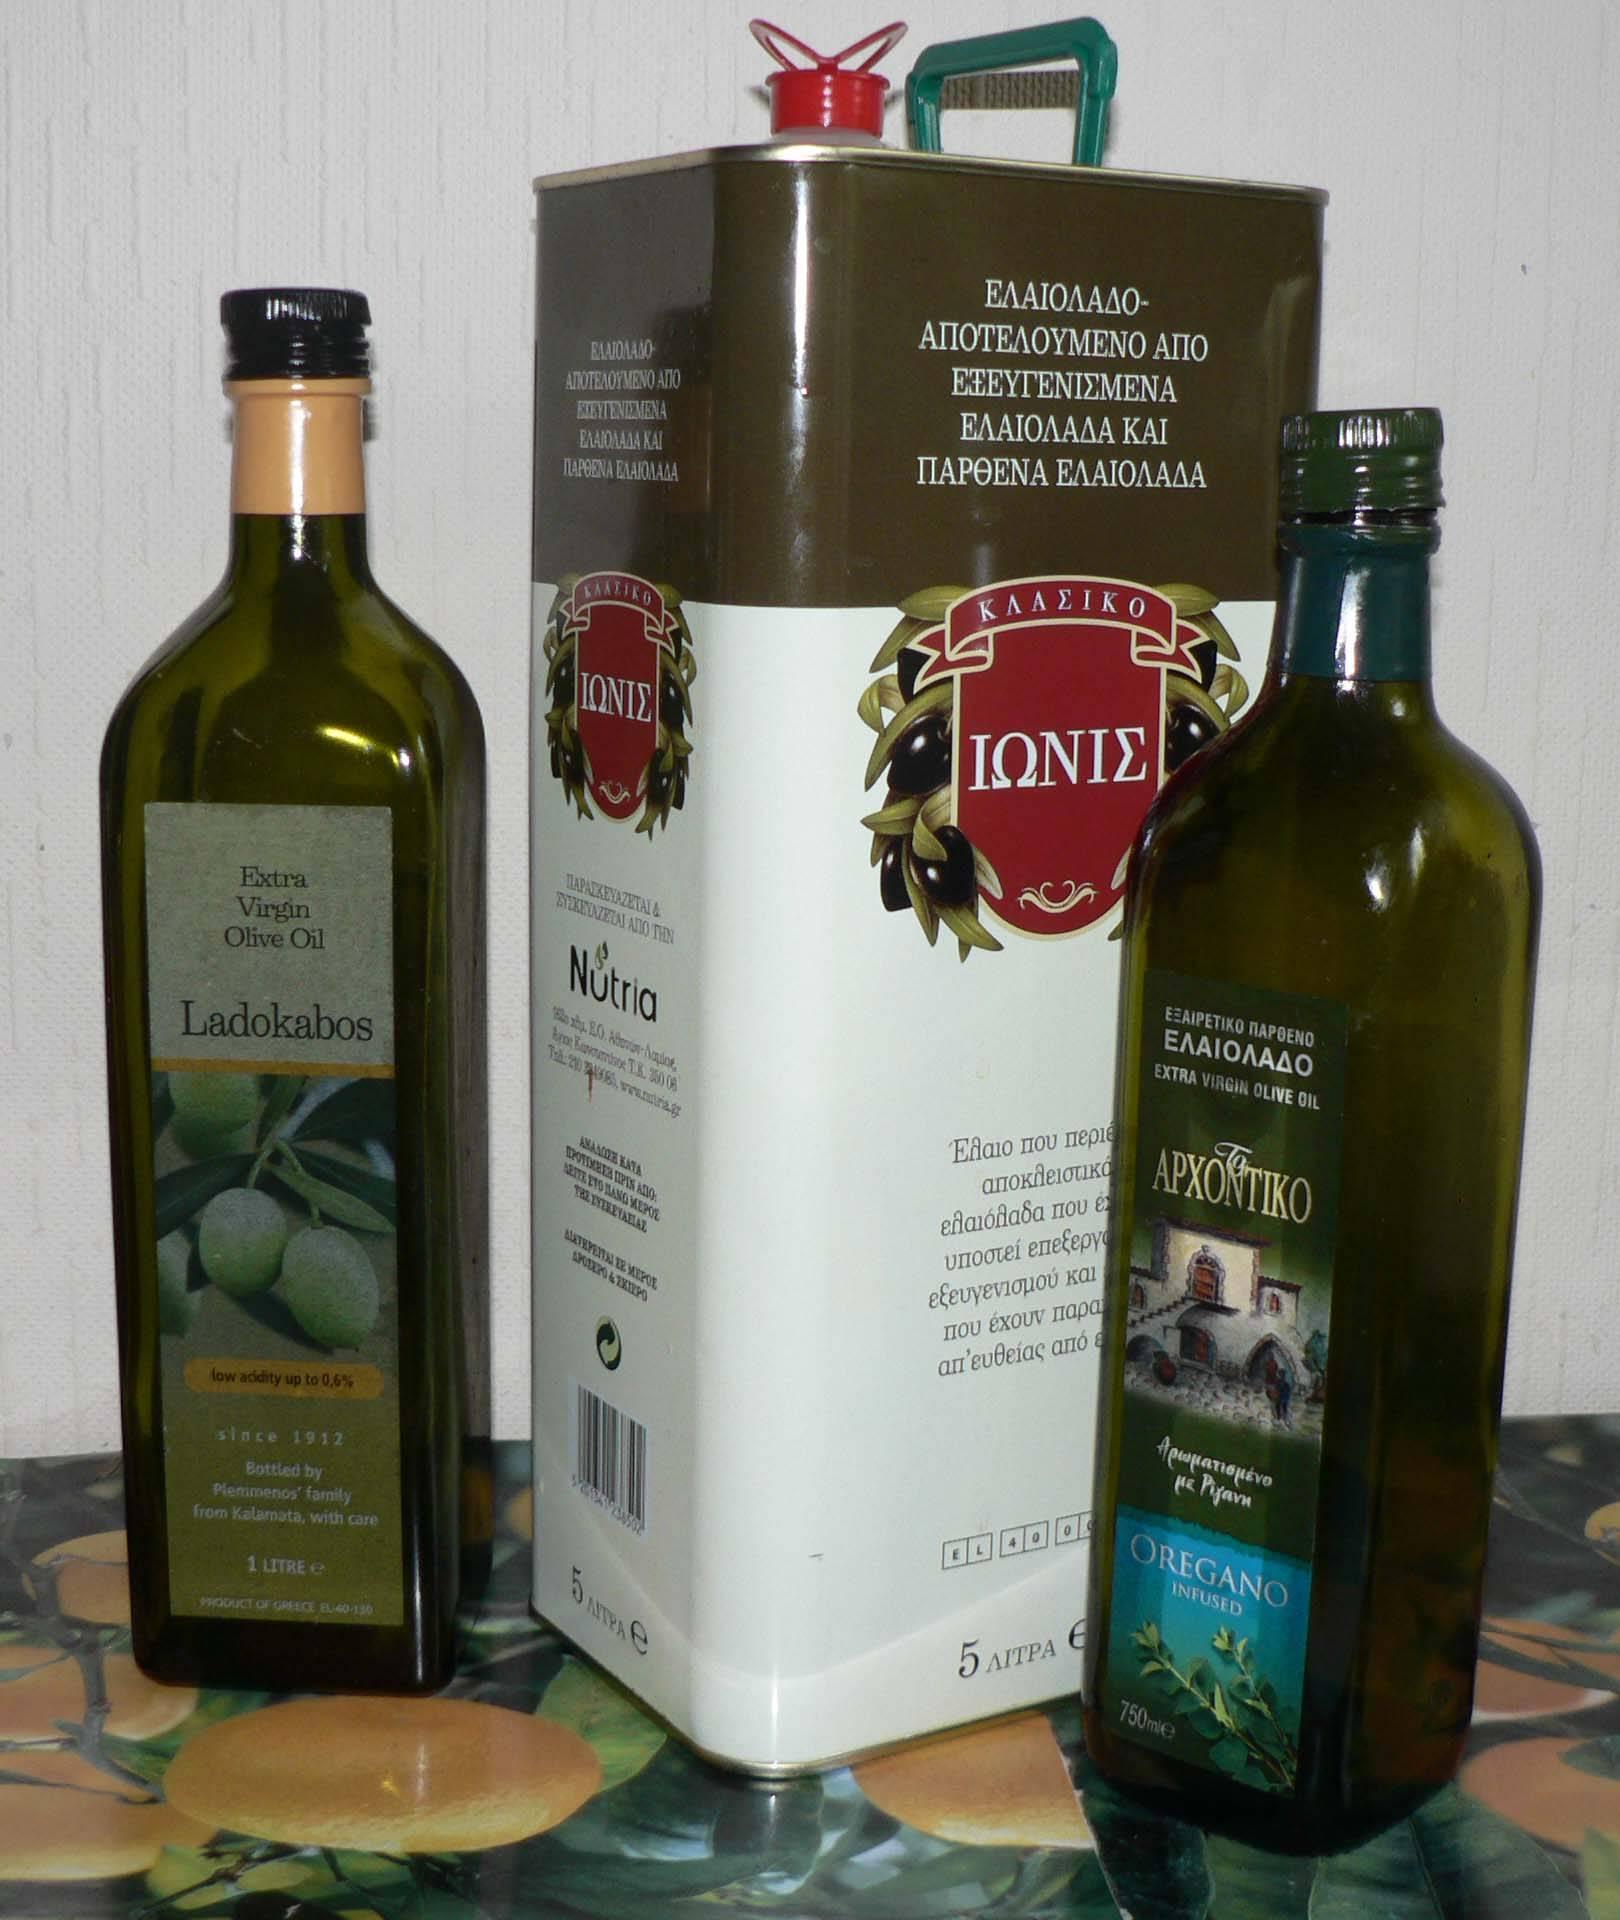 Оливковое масло: полезные свойства и противопоказания, состав